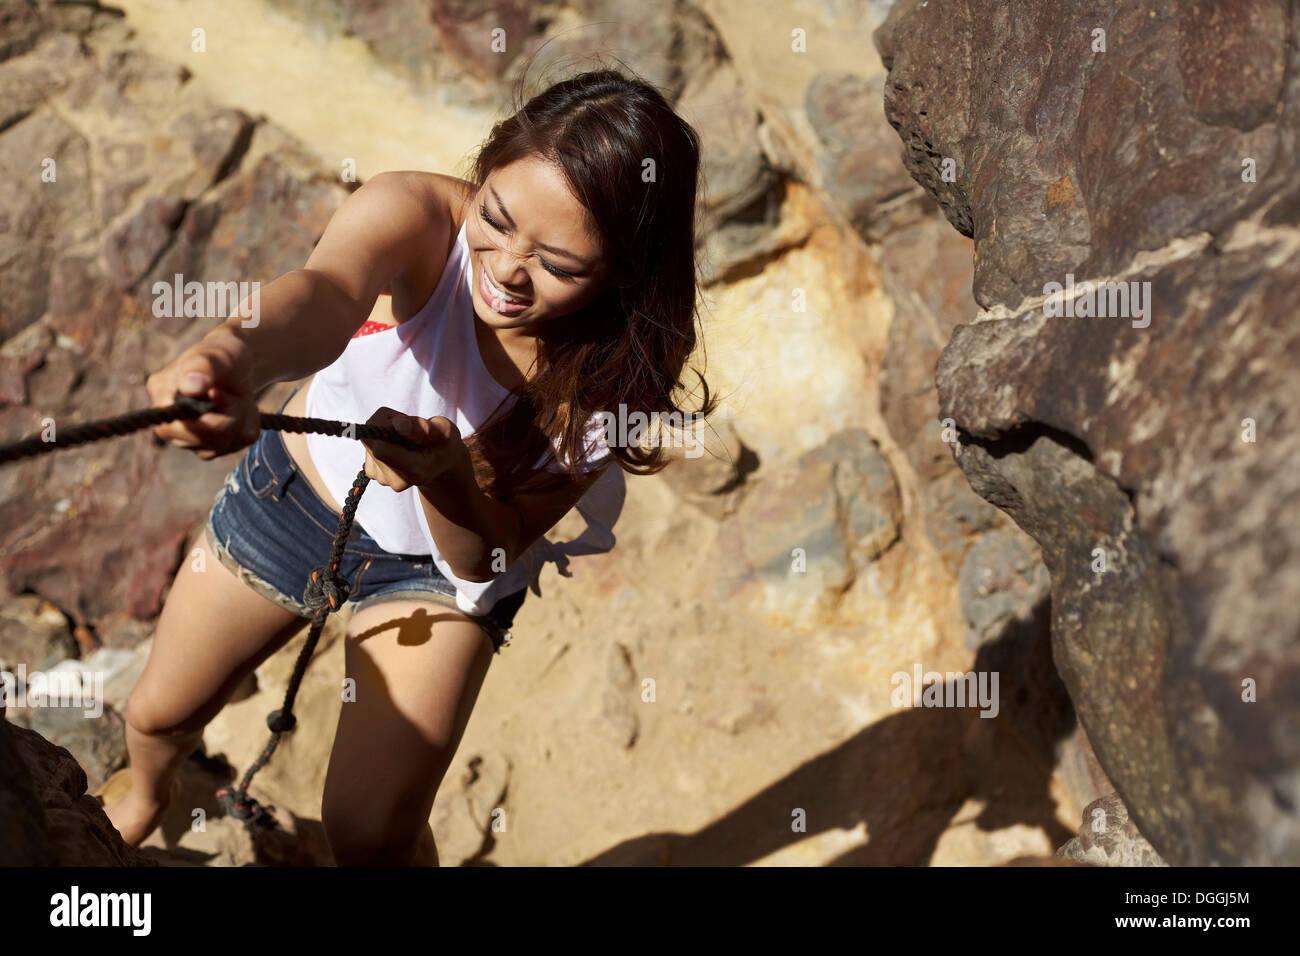 Mujer joven escalar rocas, Palos Verdes, California, EE.UU. Imagen De Stock